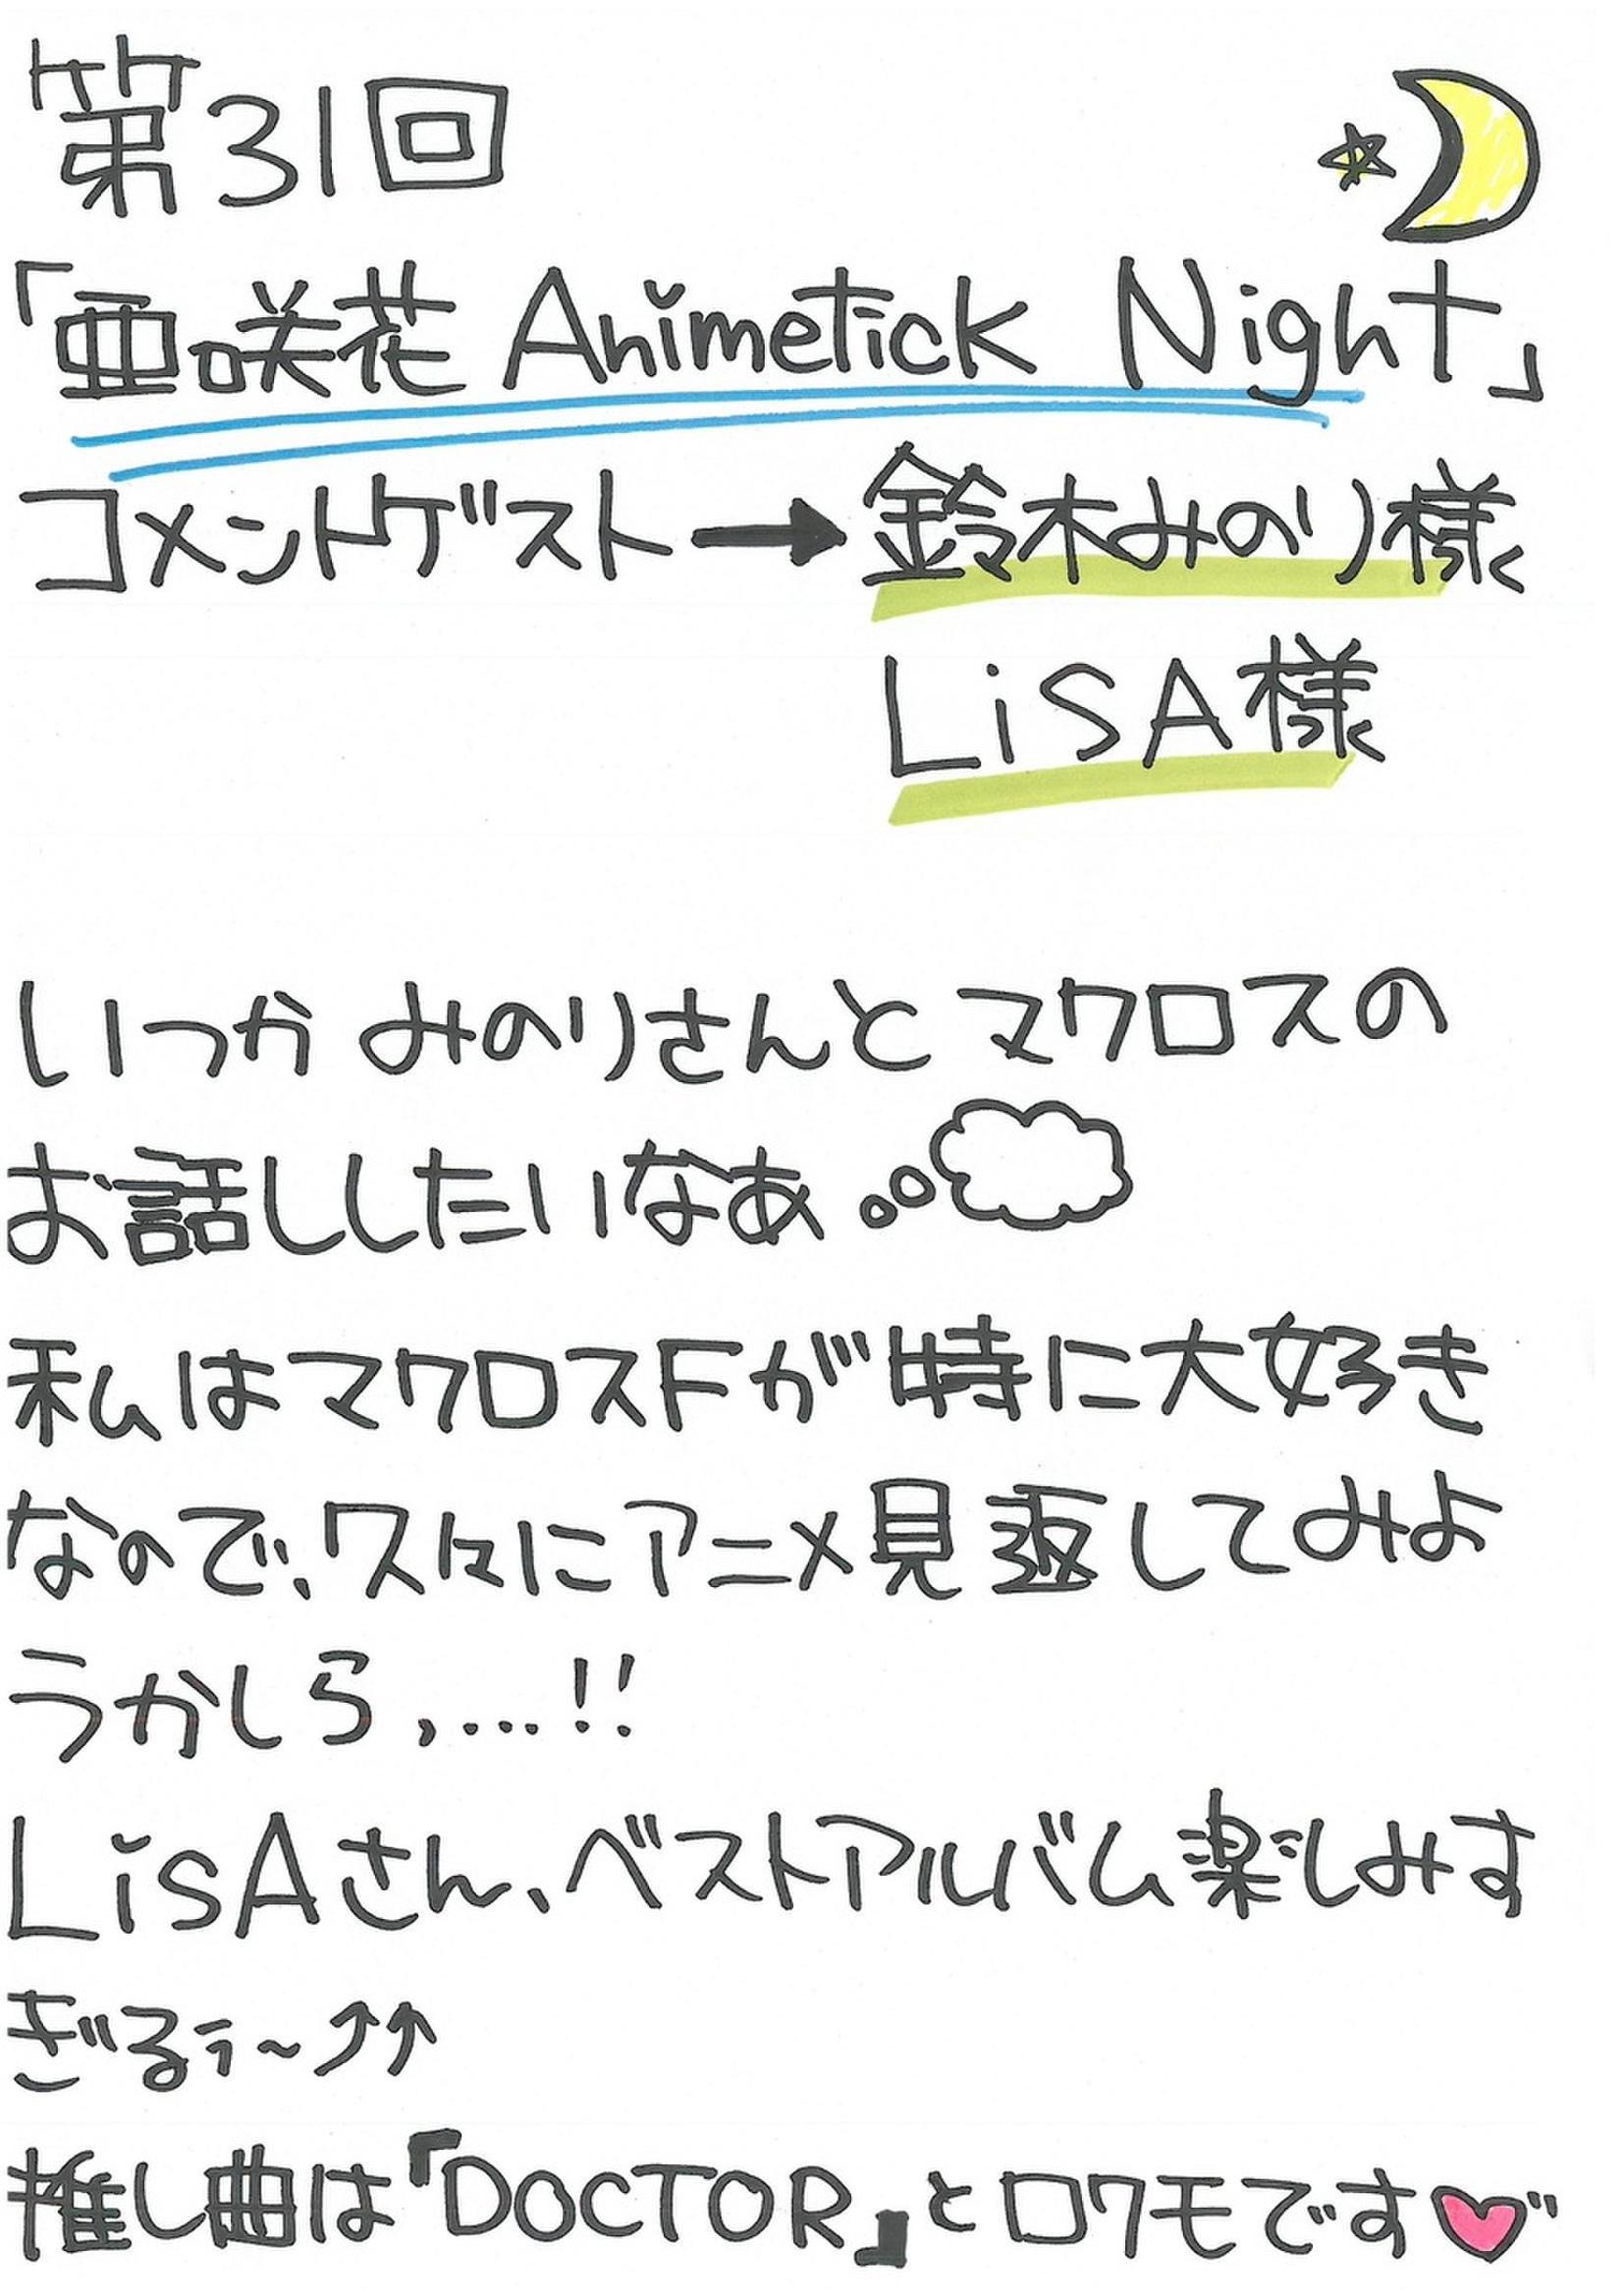 コメントゲスト鈴木みのり様・LiSA様 いつかみのりさんとマクロsのお話したいなあ